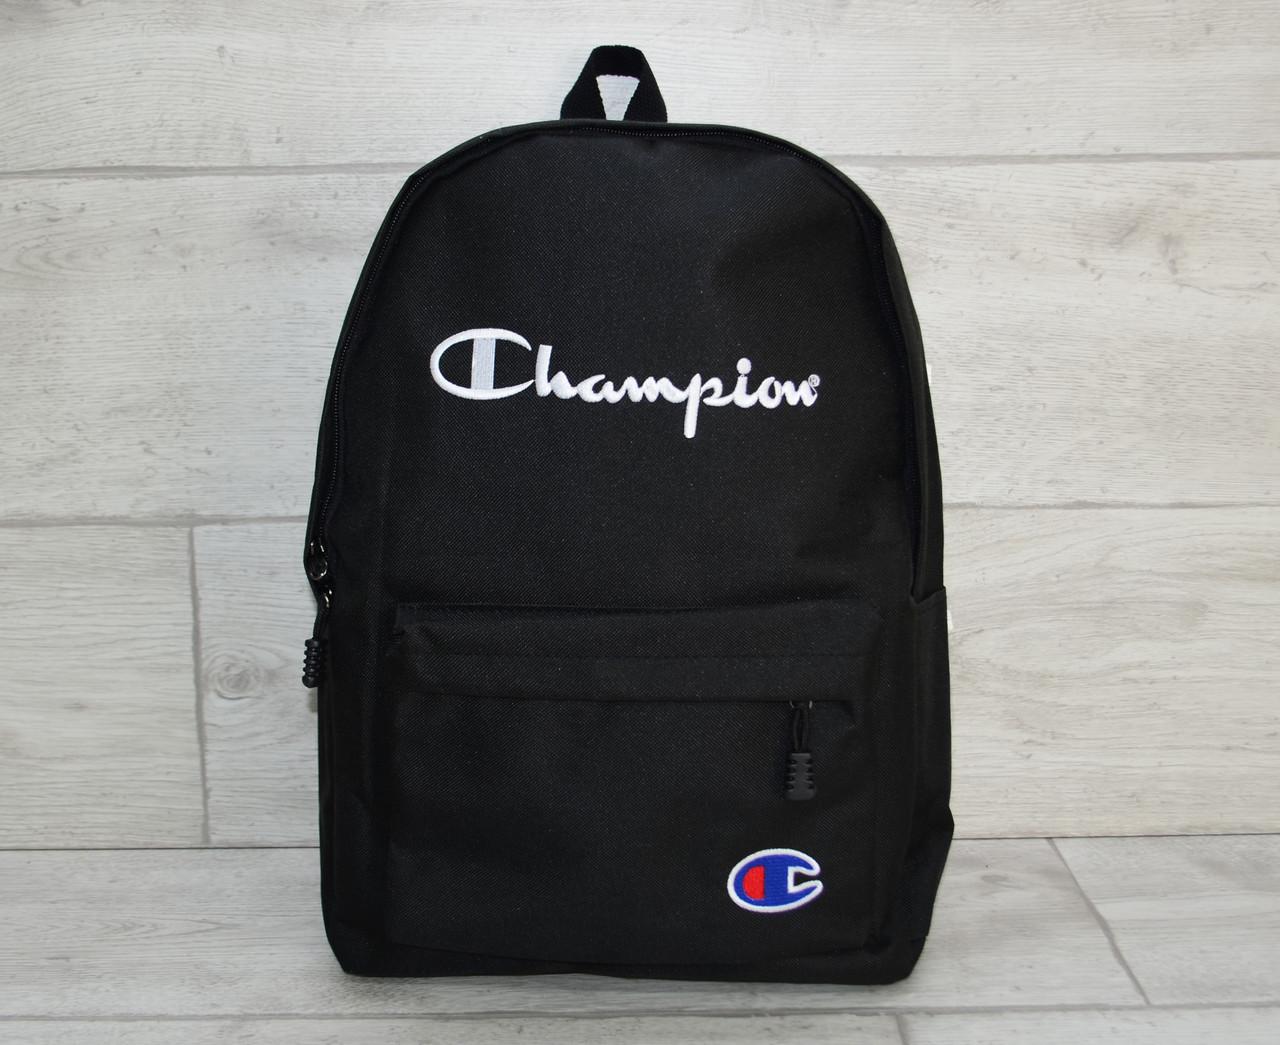 8b730713b8dd Черный рюкзак в стиле Champion, молодежный рюкзак чемпион - Luxe Shop в  Киеве